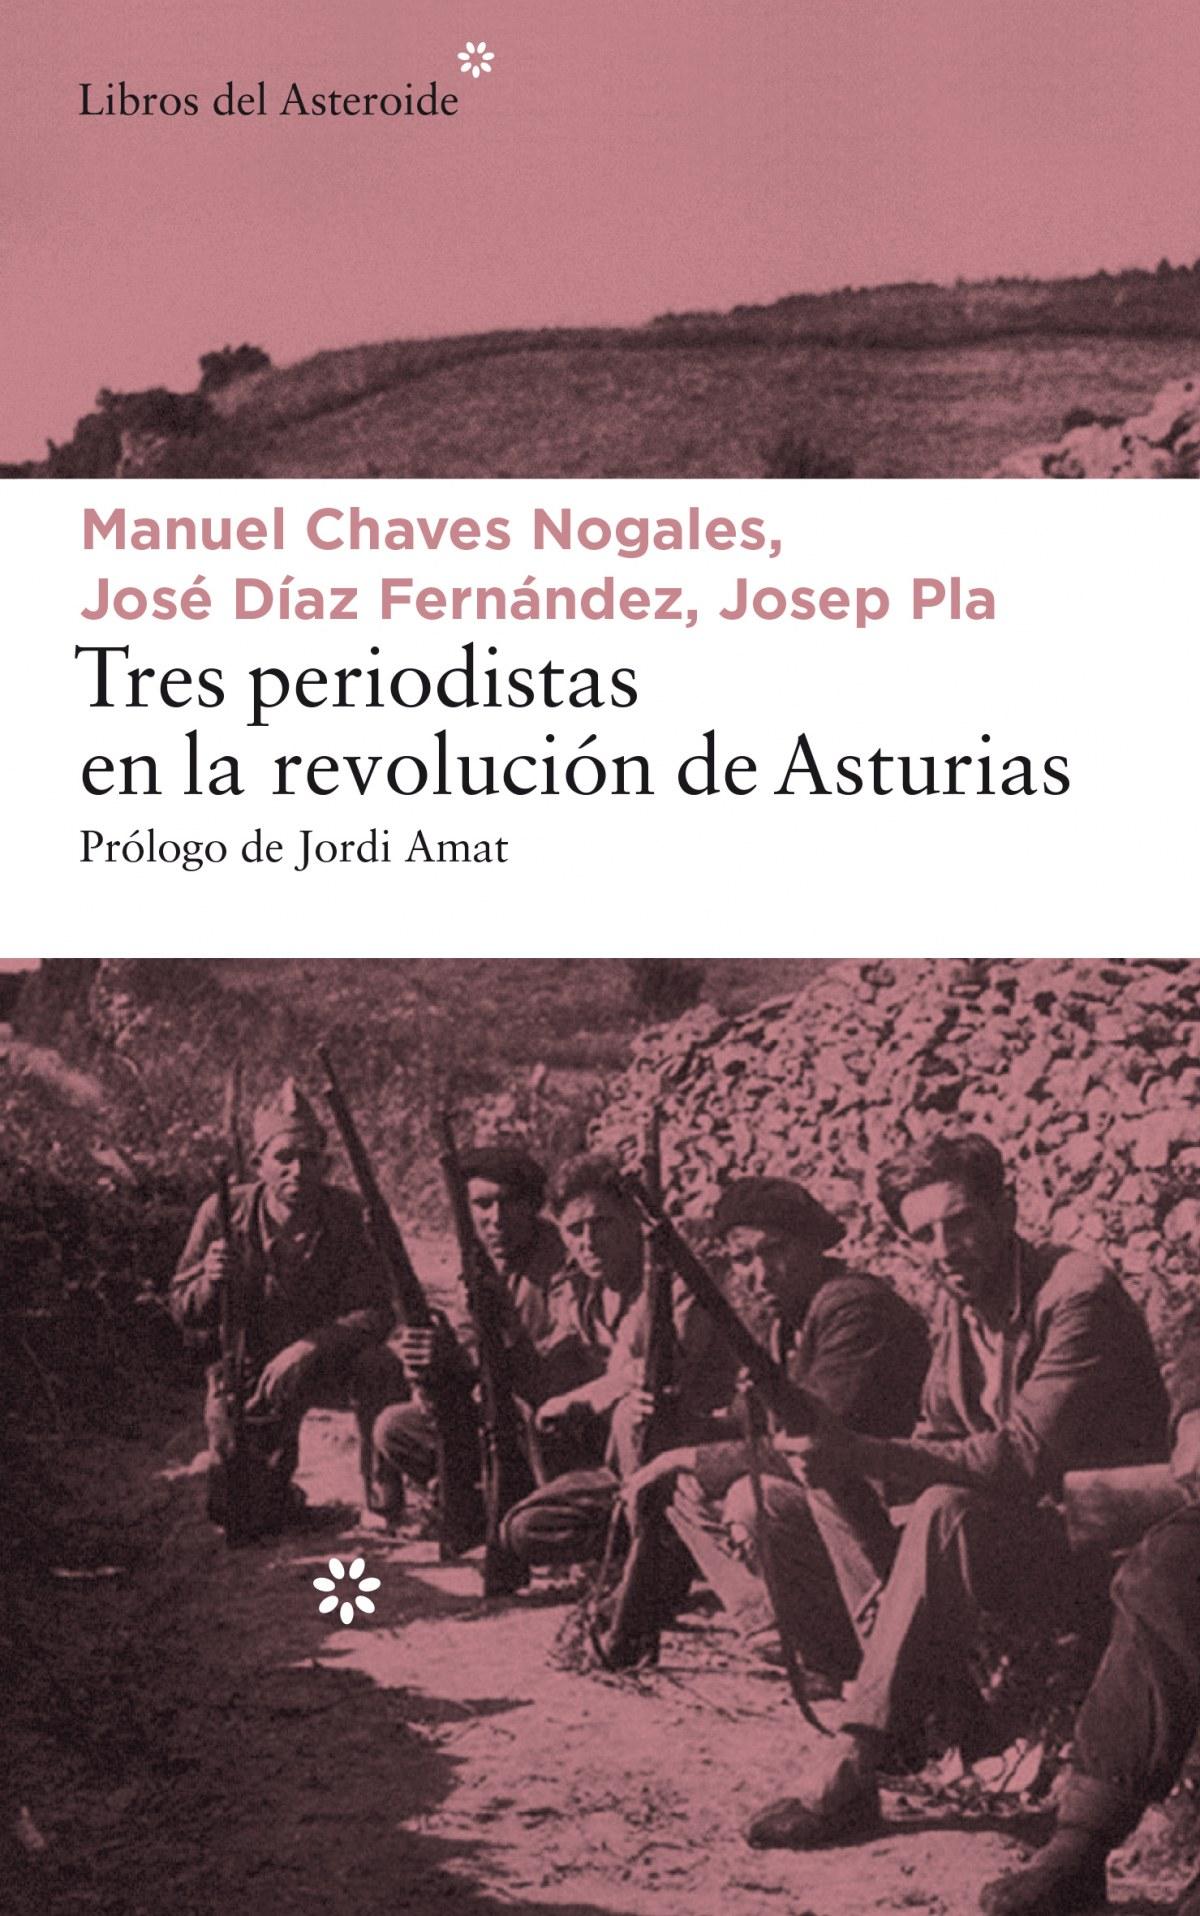 TRES PERIODISTAS EN LA REVOLUCIÓN DE ASTURIAS 9788417007065